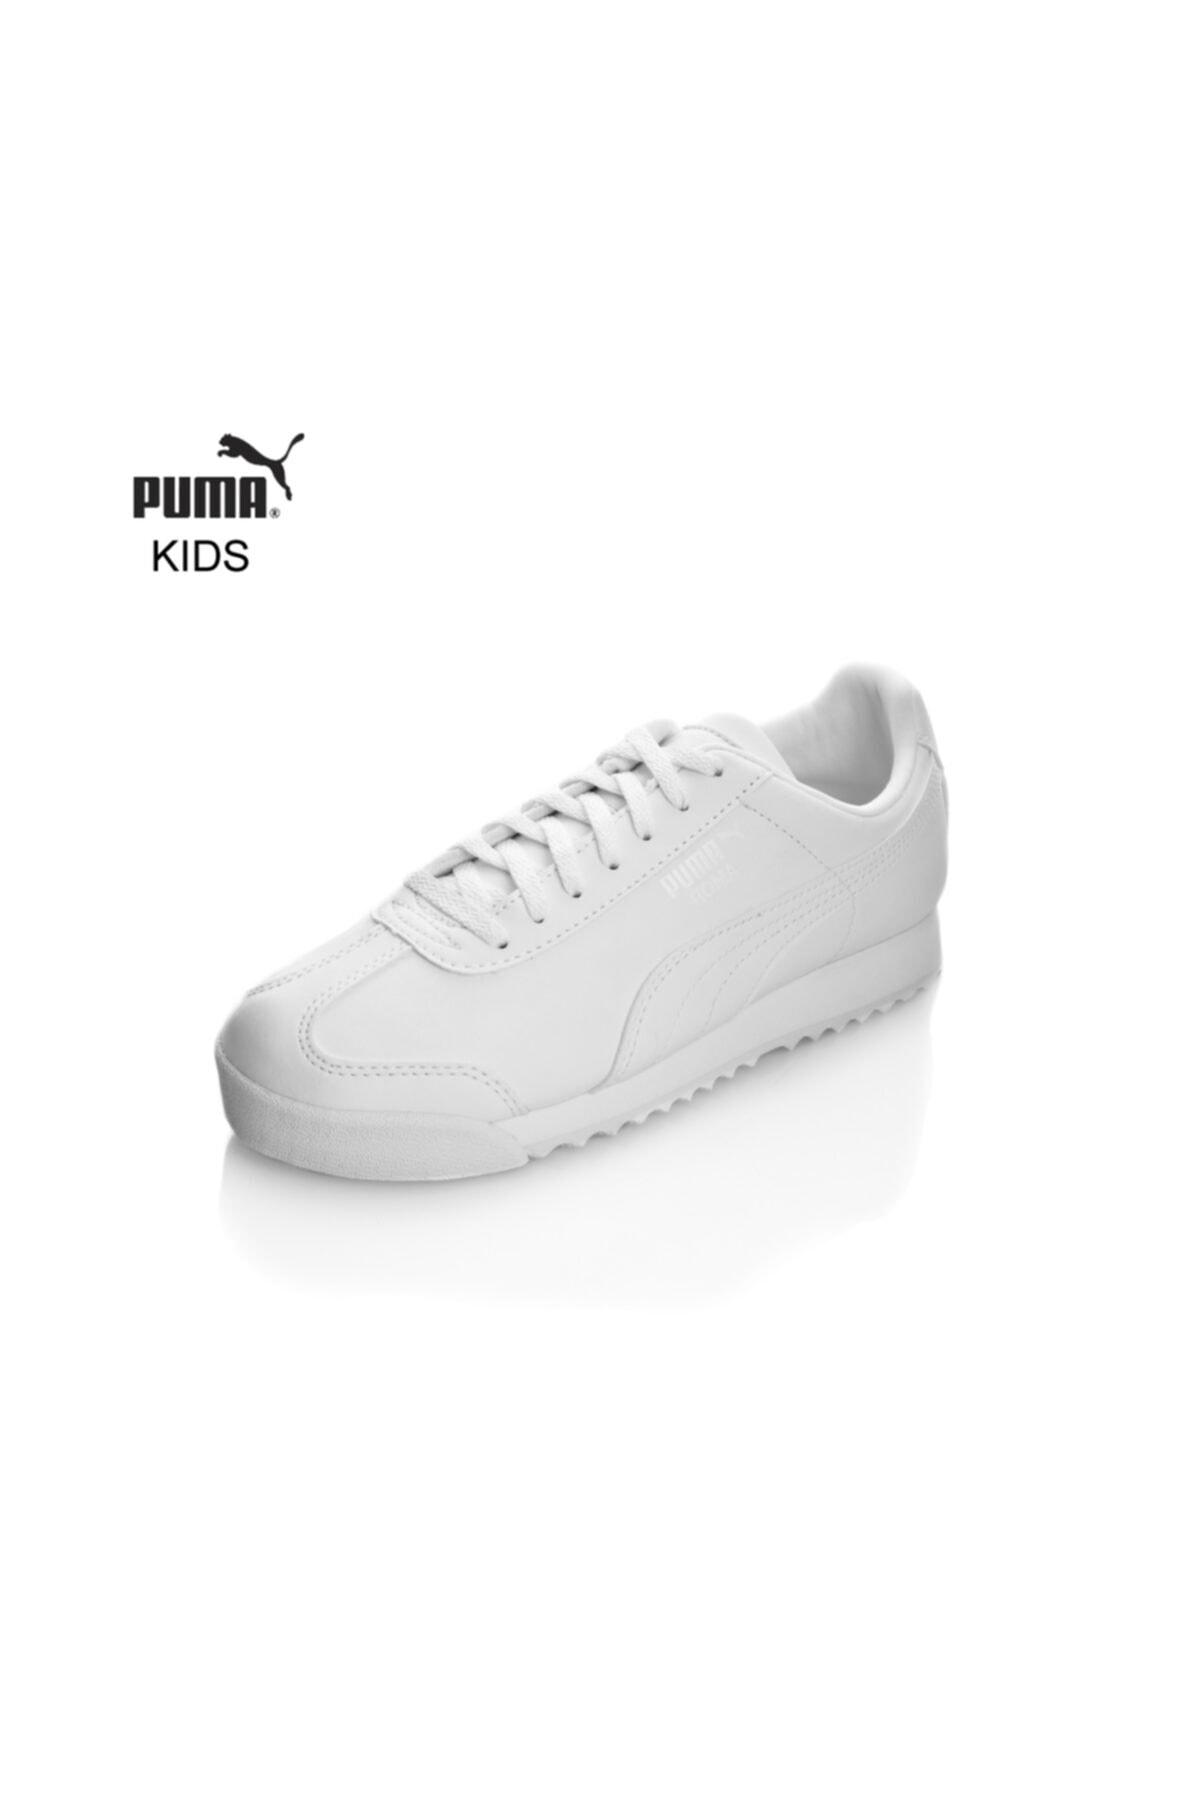 Puma Beyaz Erkek Spor Ayakkabı 354259141 Roma Basıc Jr Whıte-lıght Gray 1